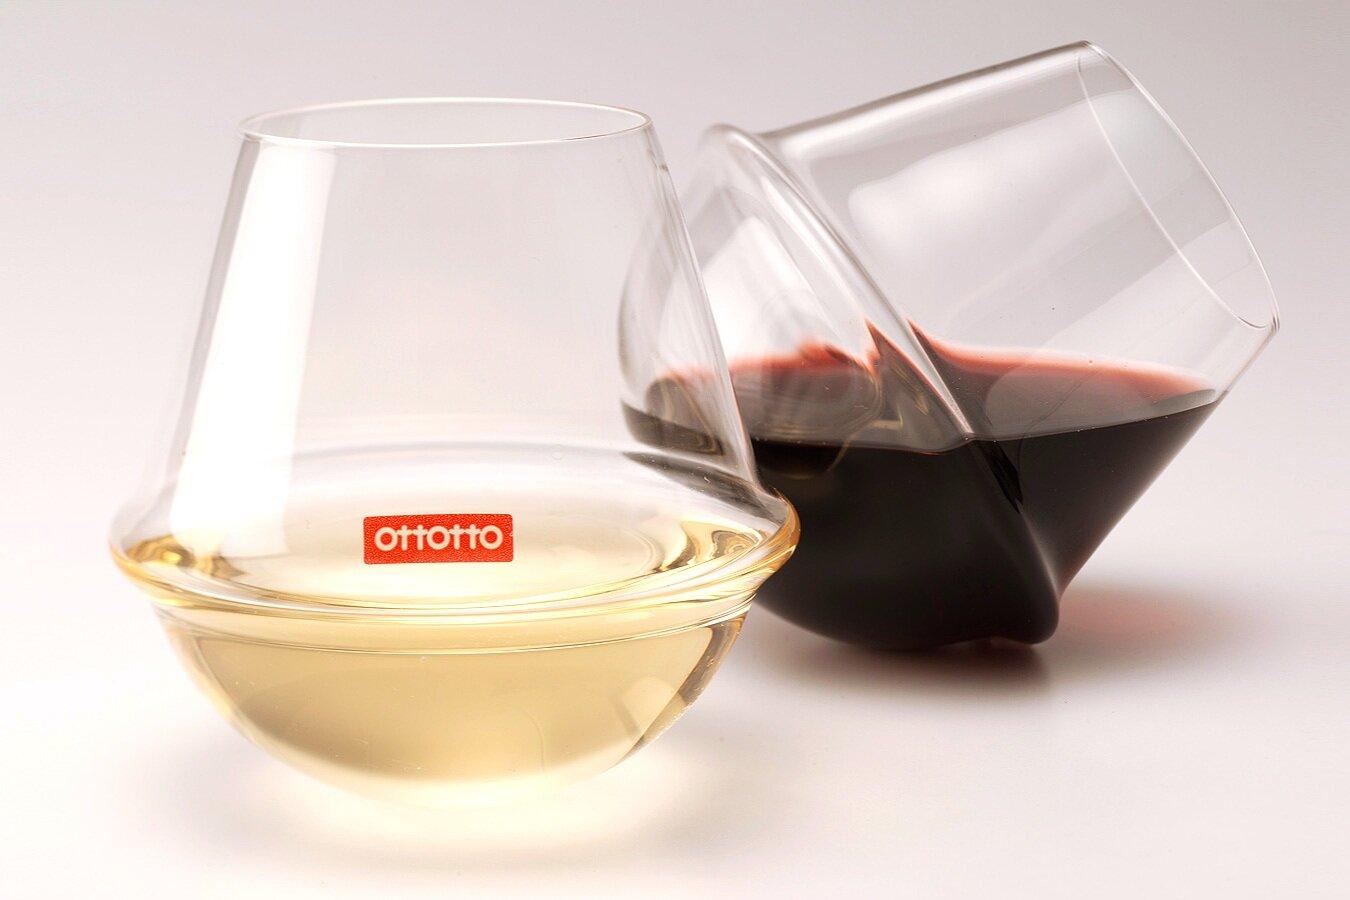 OTTOTTO - Glassware